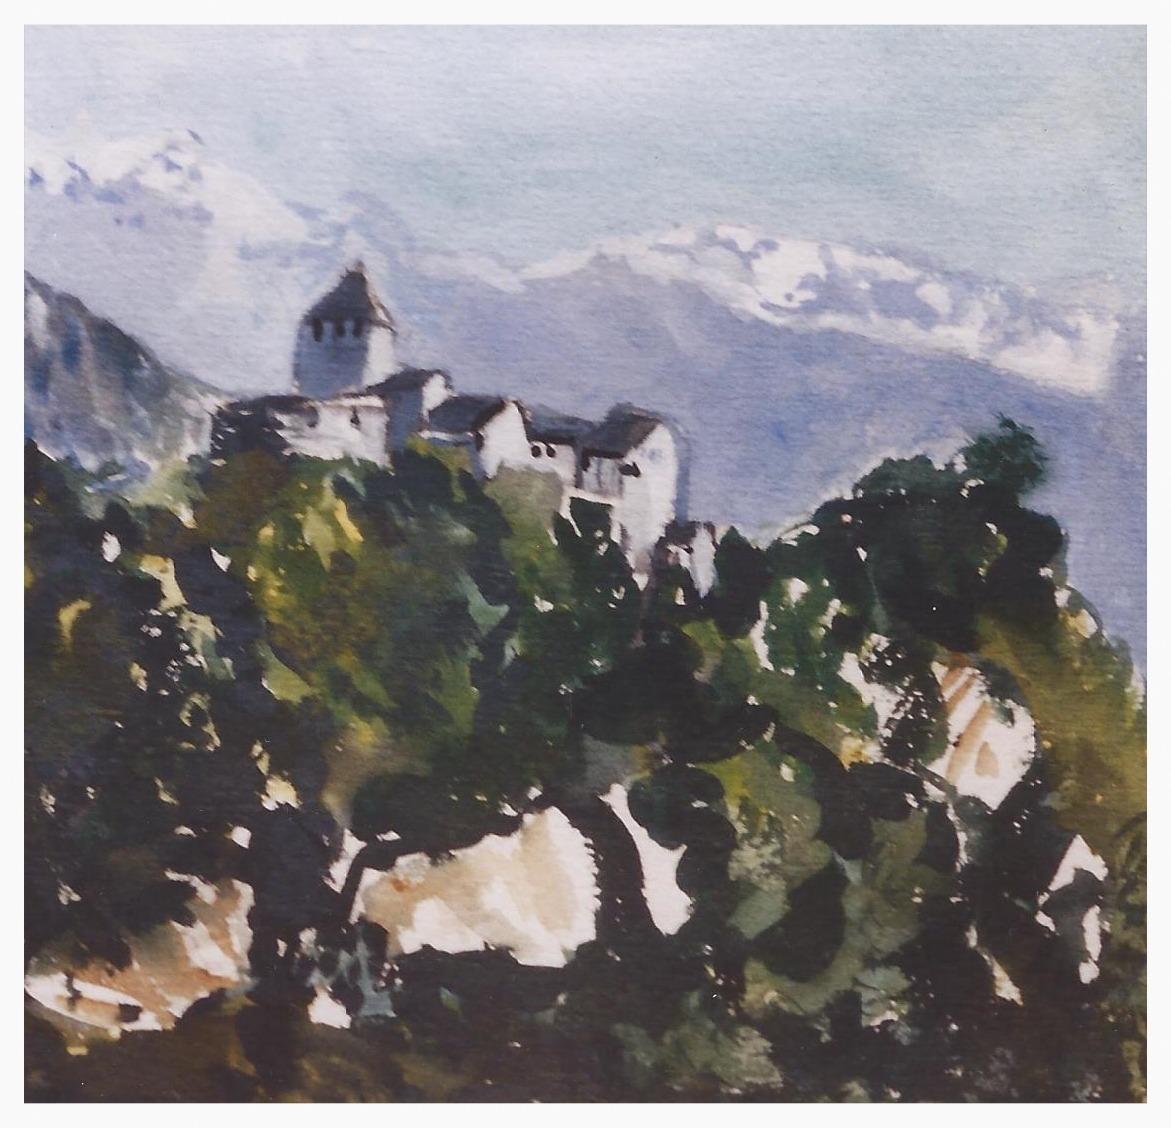 Mountain Chateau